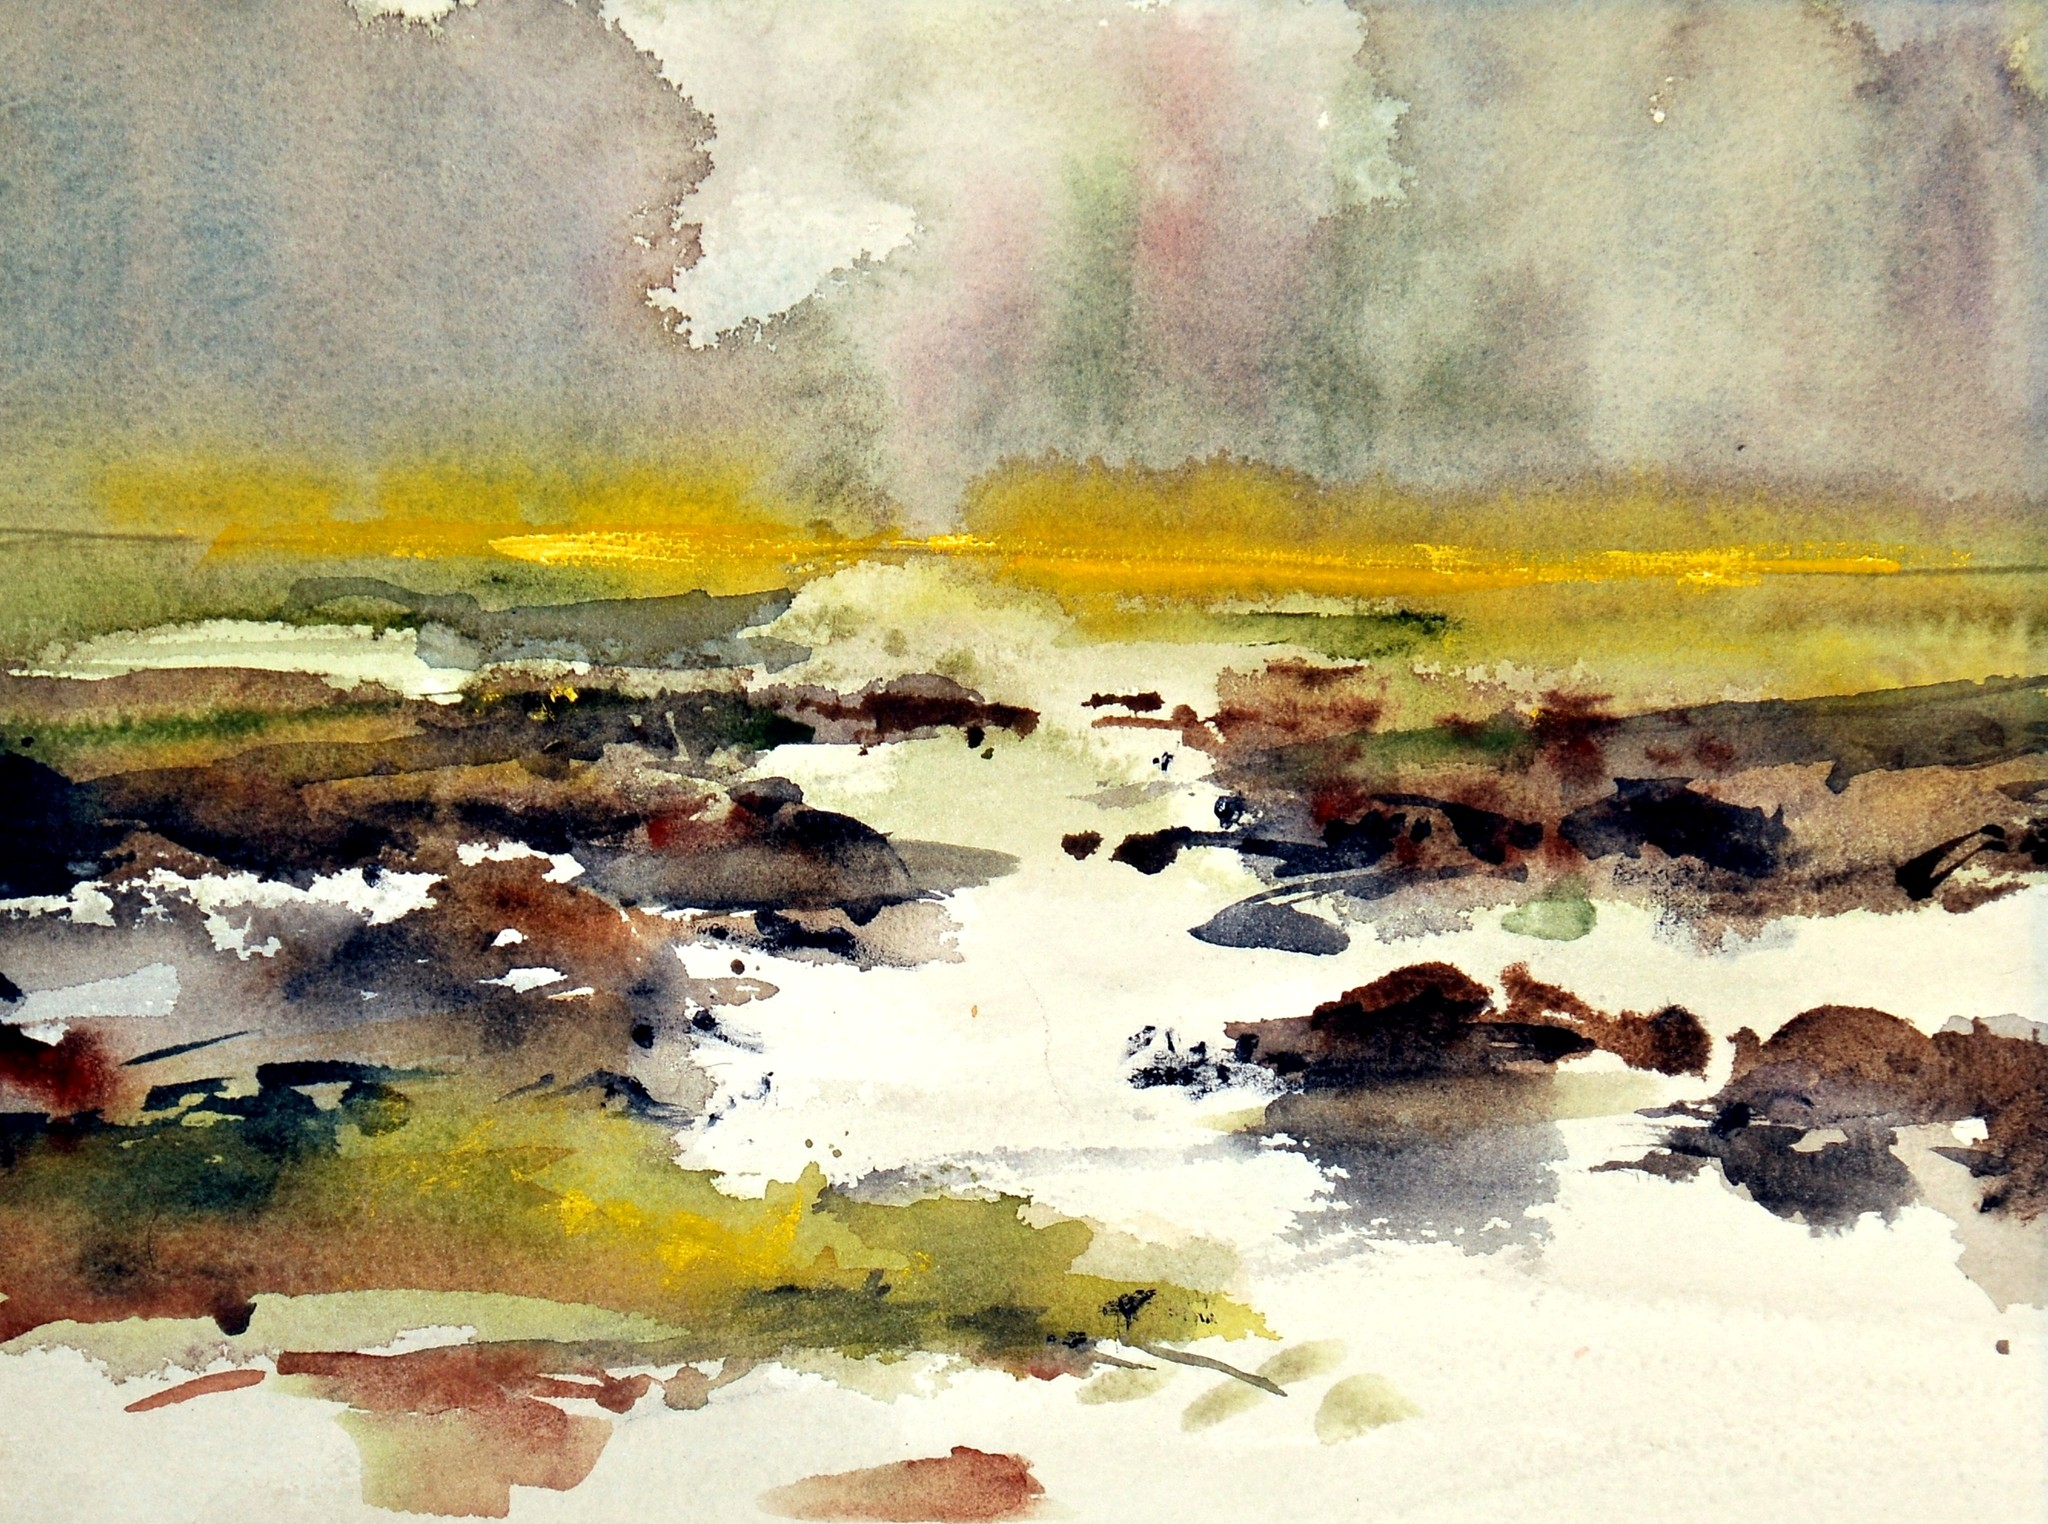 MacKechnie, Blind Slough, watercolor, 16x20.JPG